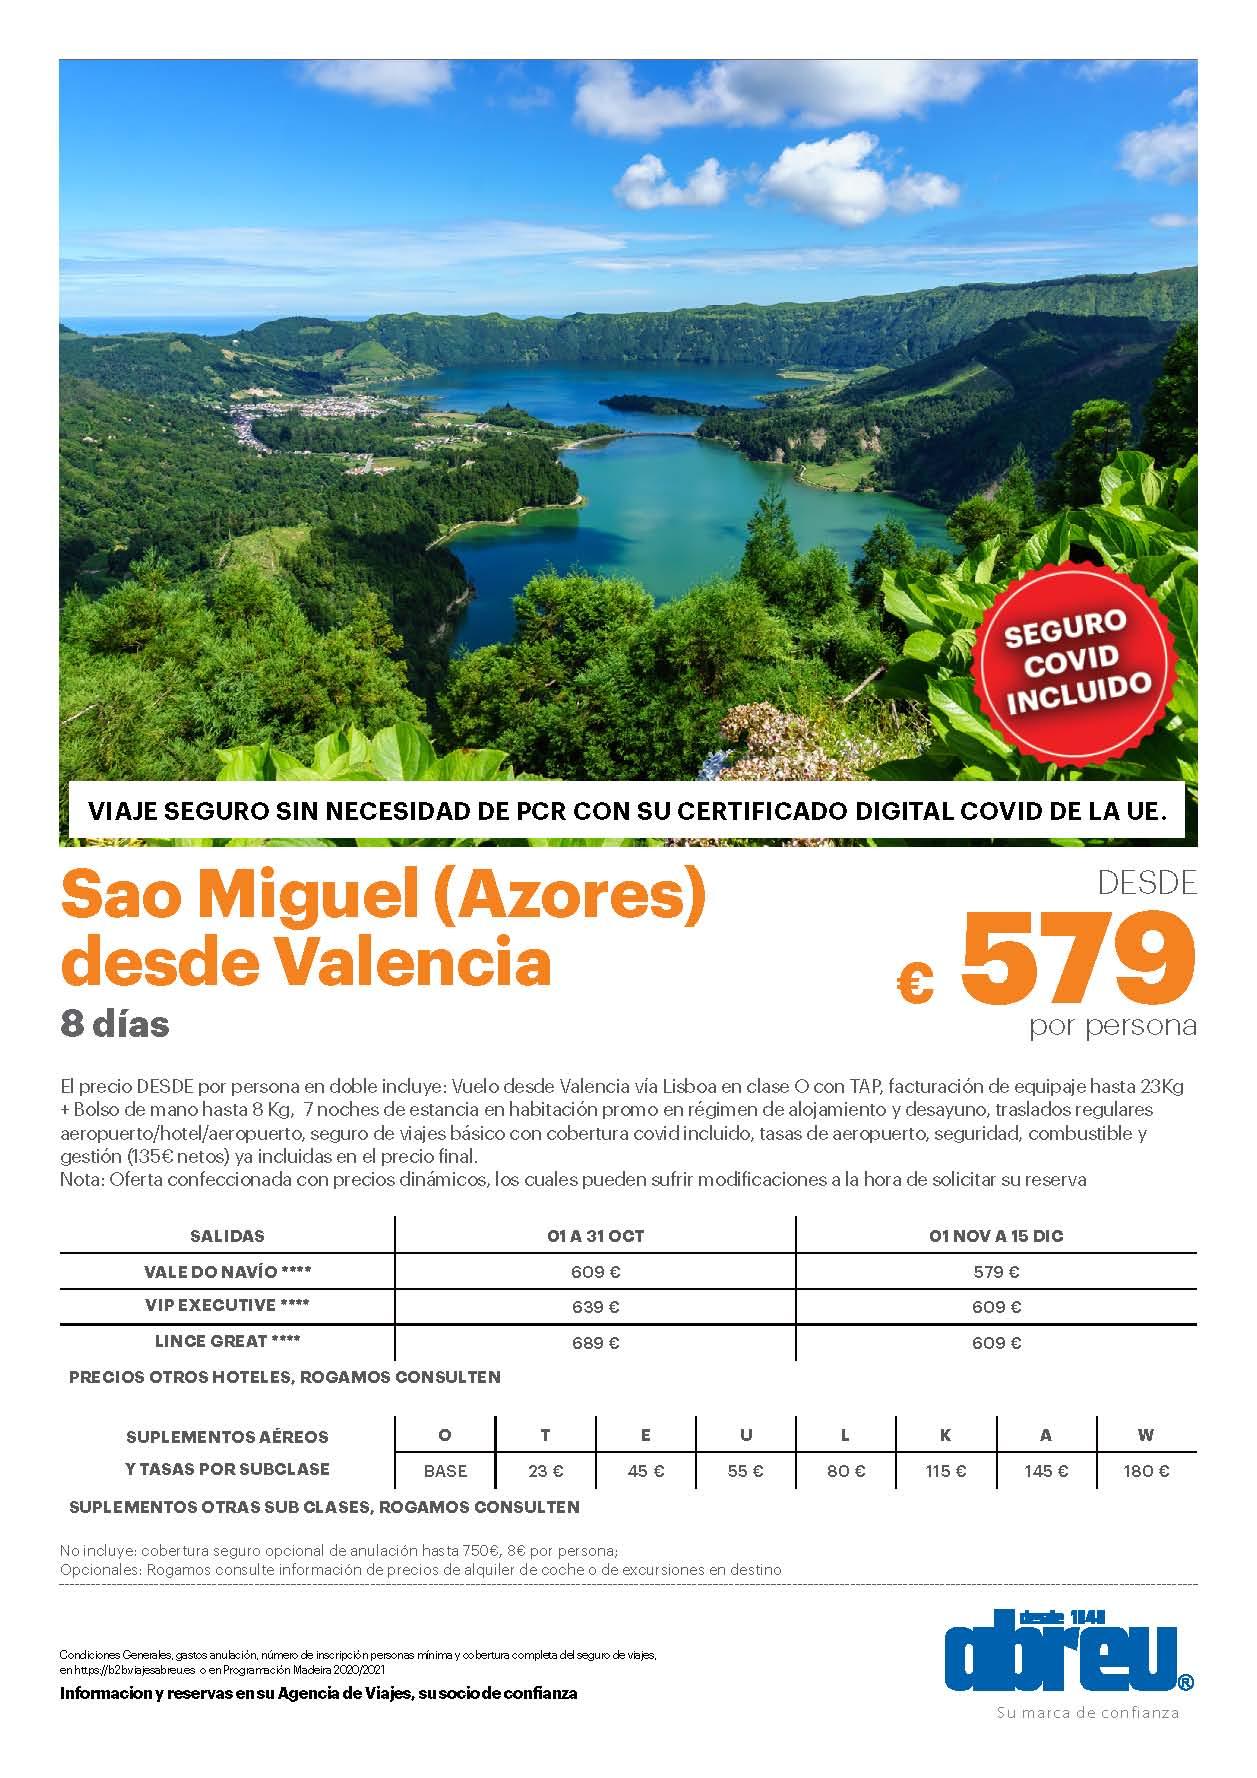 Oferta Abreu Azores Isla de Sao Miguel Octubre Noviembre y Diciembre 2021 salidas desde Valencia